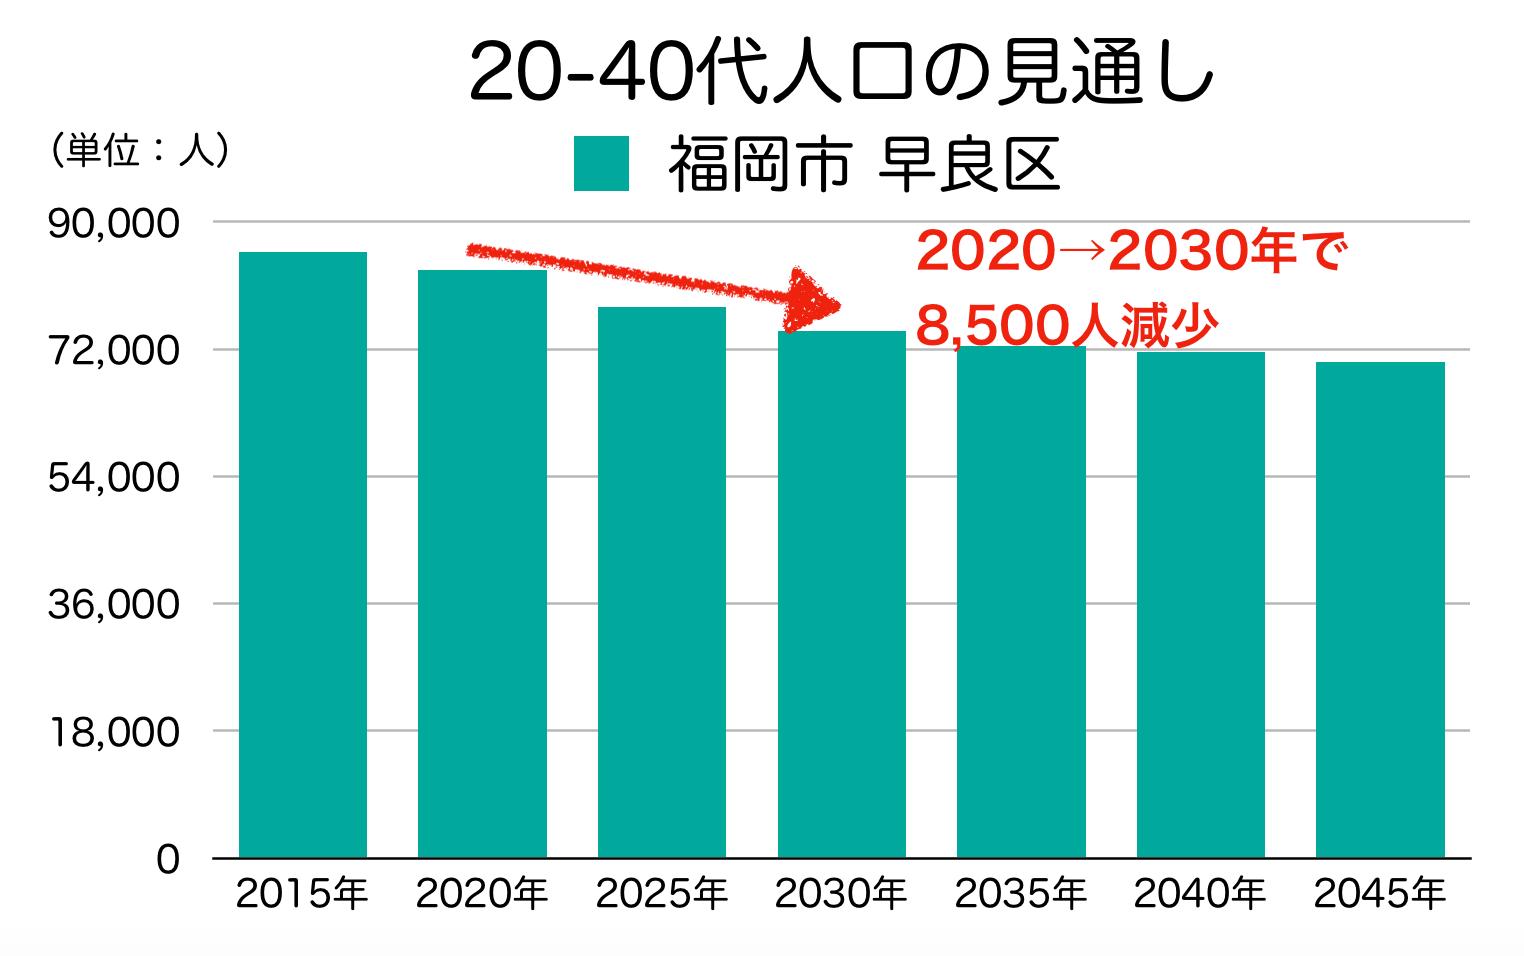 福岡市早良区の20〜40代人口の予測